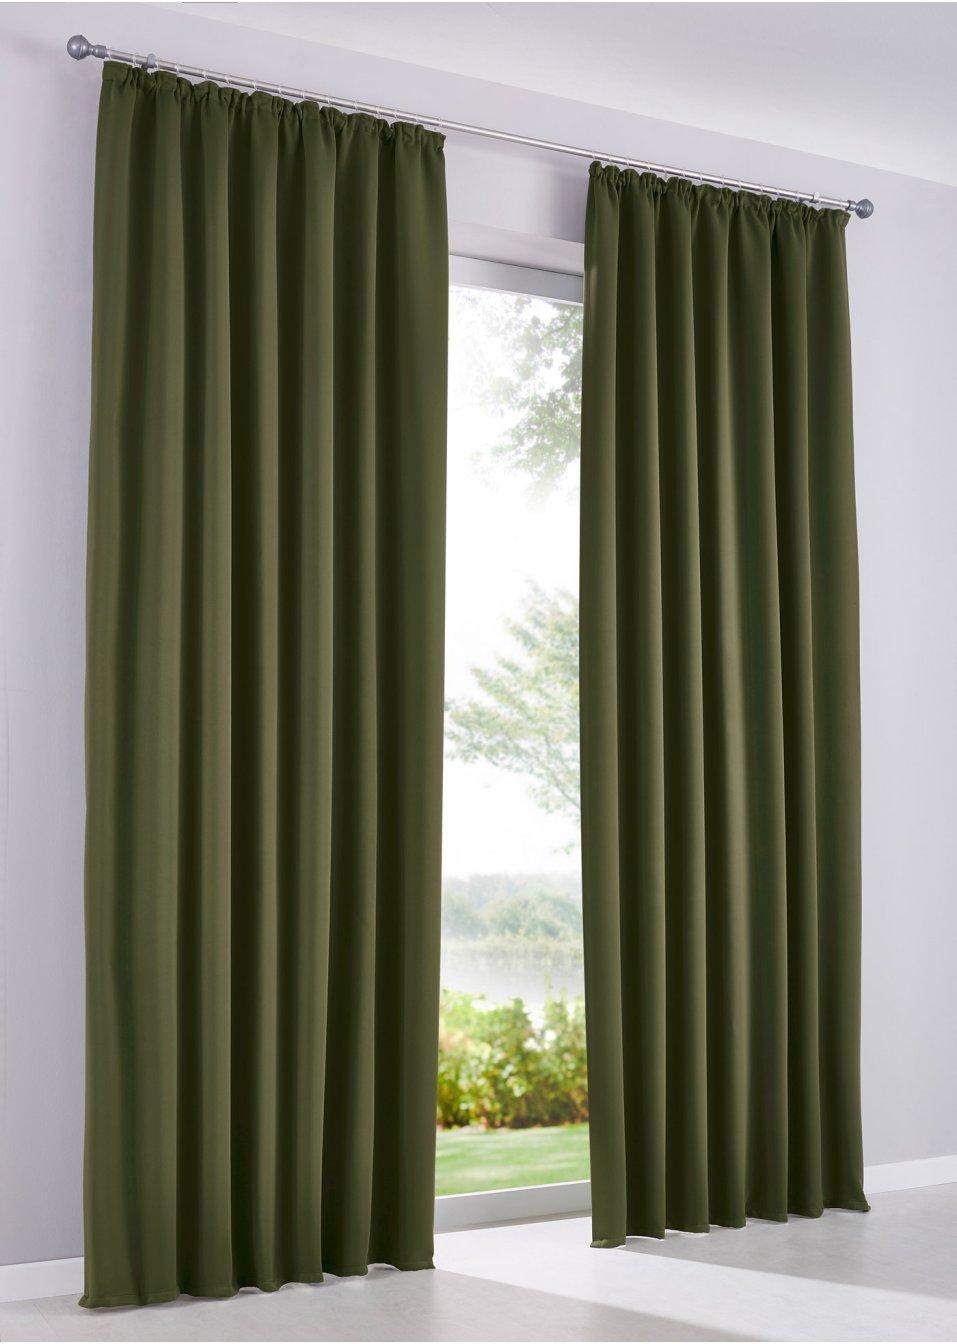 vorhang verdunkelung 1er pack kr uselband oliv online bestellen. Black Bedroom Furniture Sets. Home Design Ideas